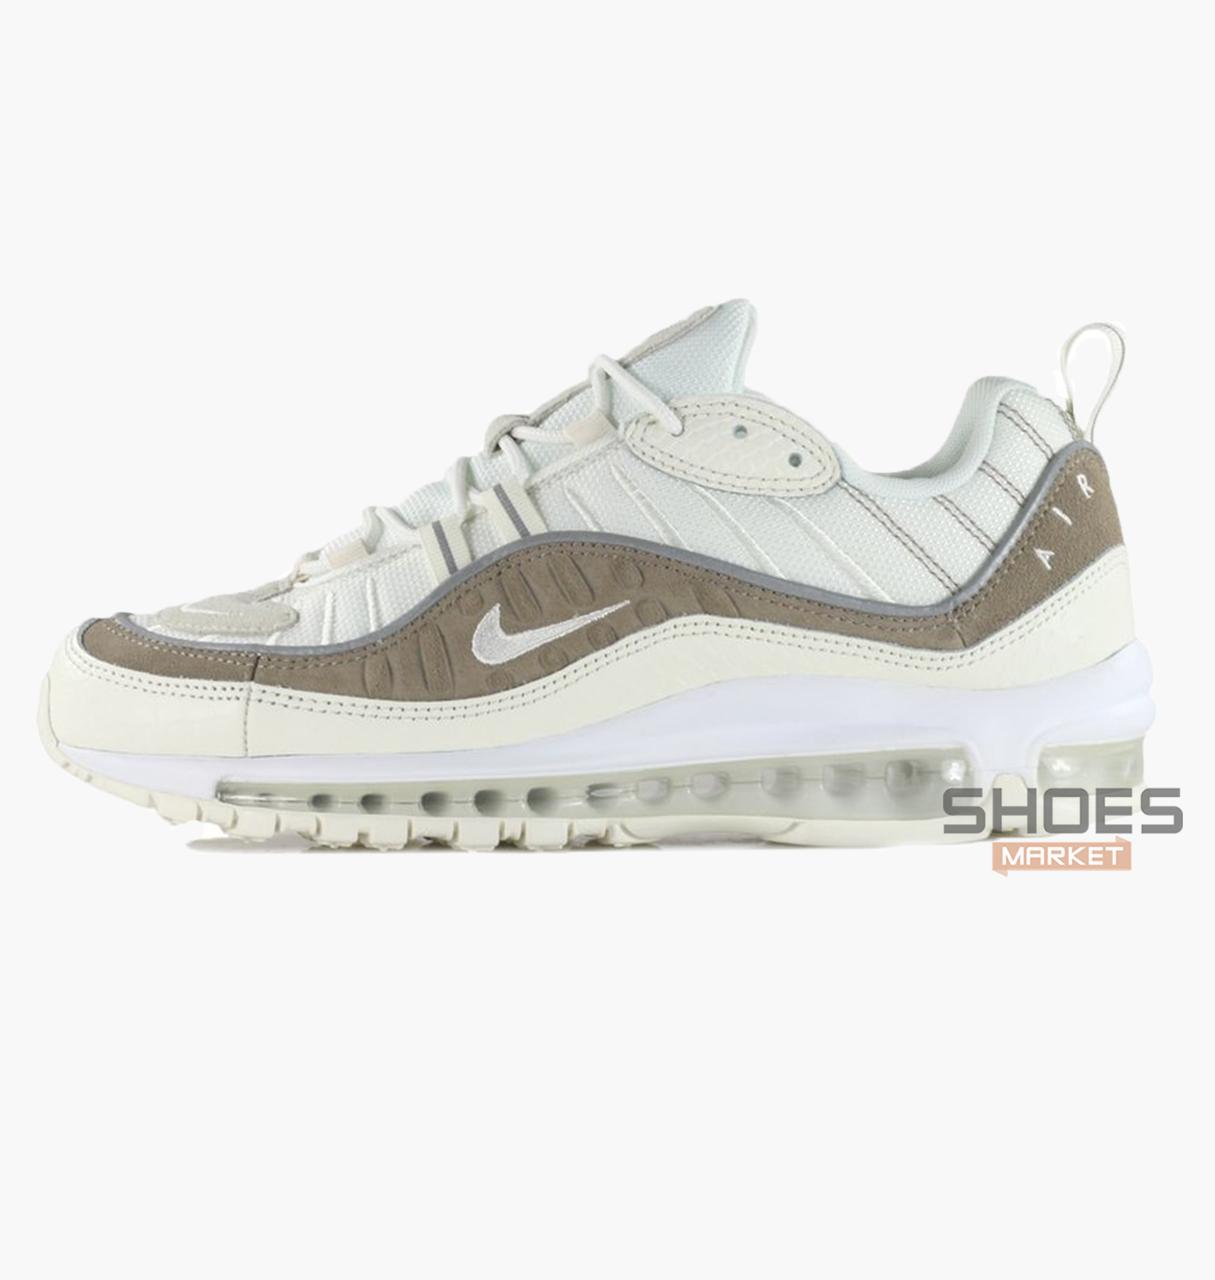 Мужские кроссовки Nike Air Max 98 SE Beige AO9380-100, оригинал